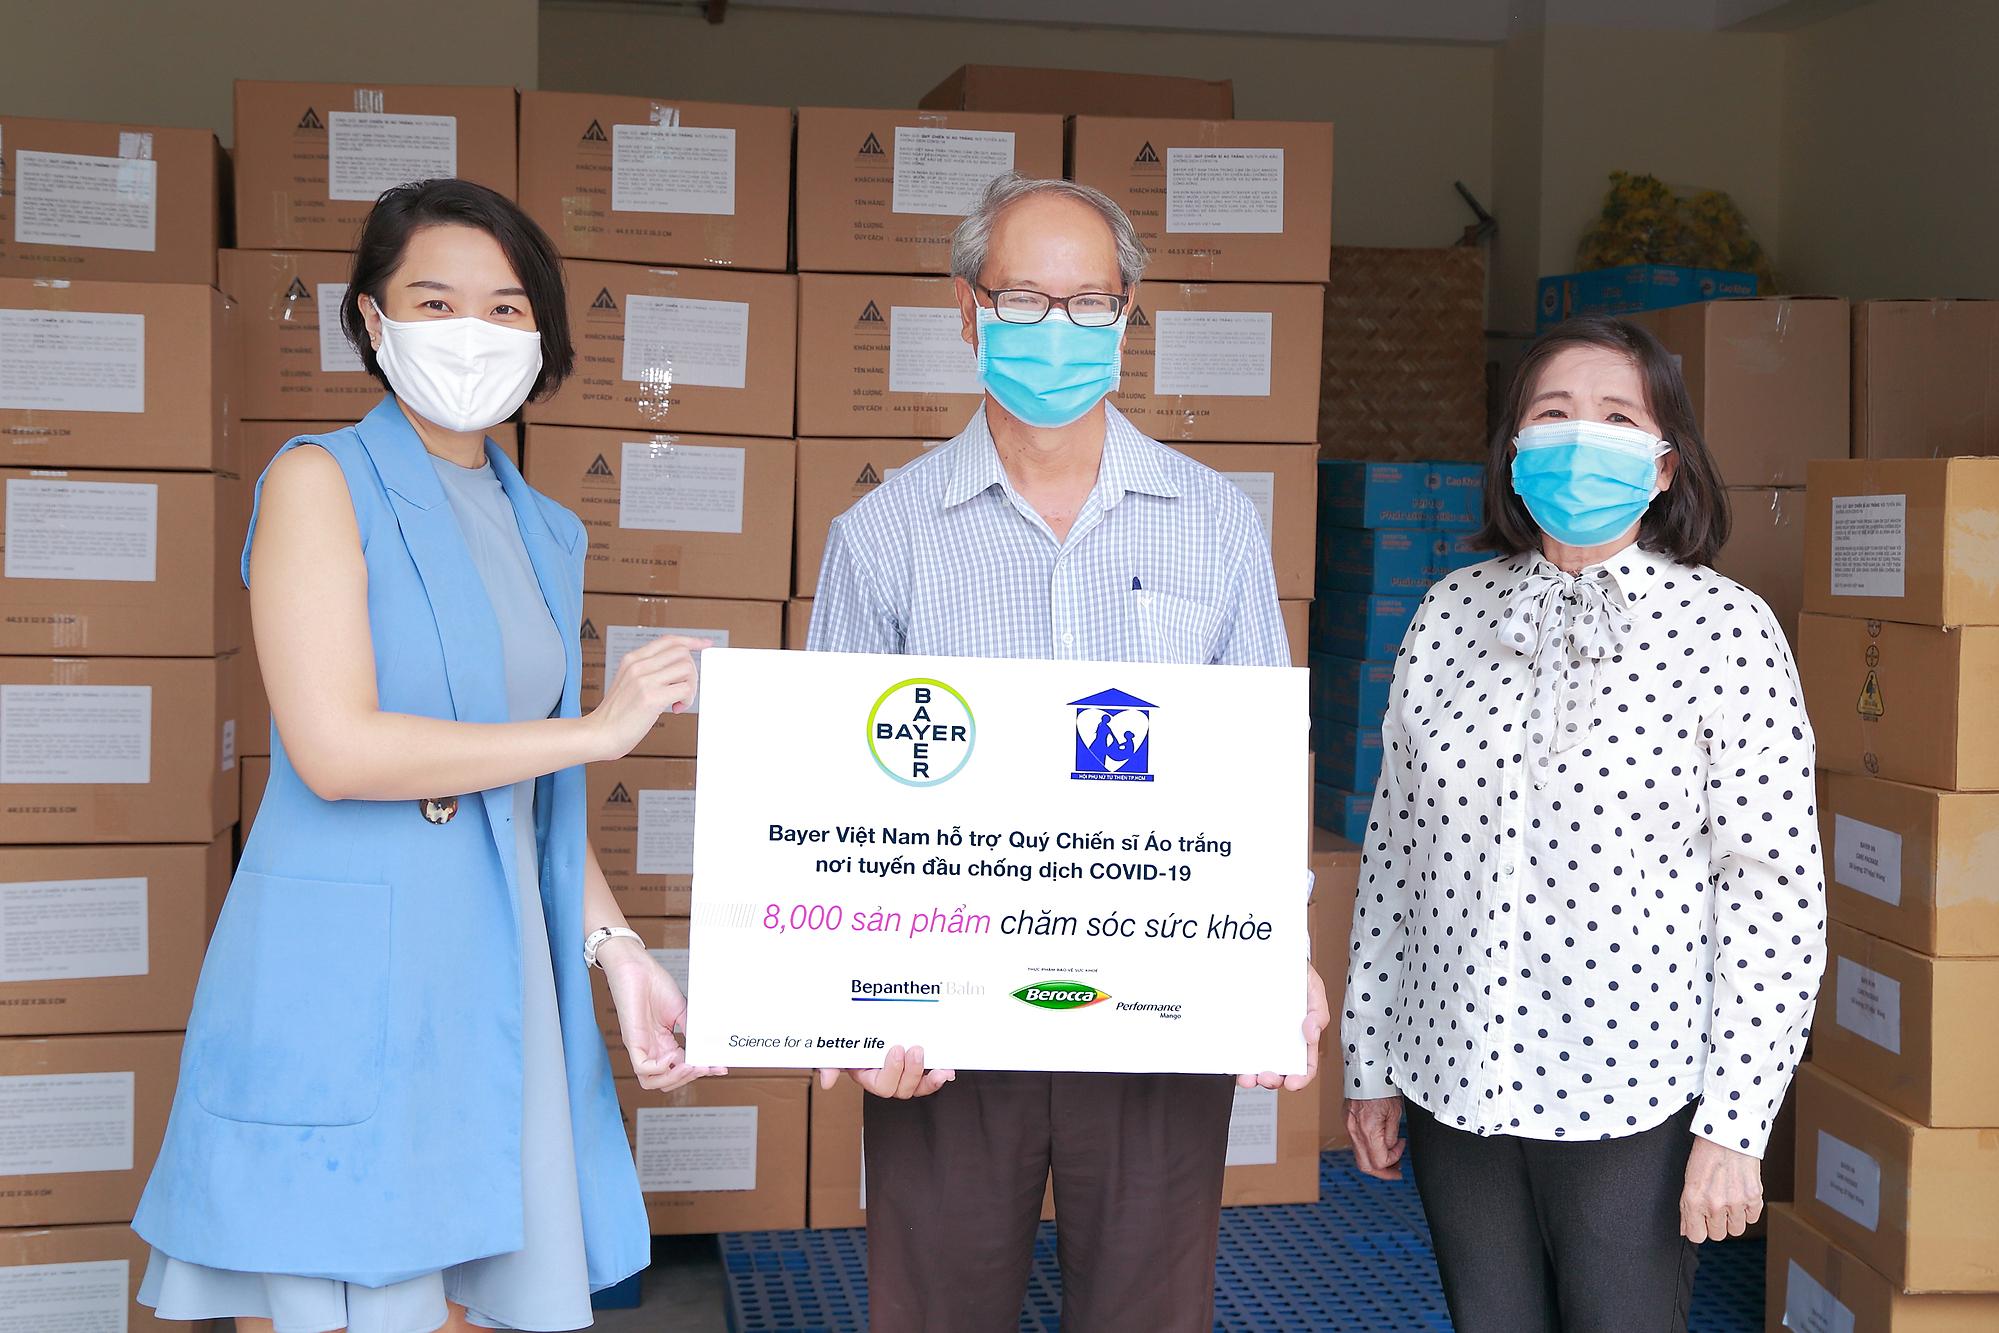 Đại diện Bayer Việt Nam (bên nào?) trao tặng biểu trưng 8.000 sản phẩm chăm sóc sức khỏe cho Trung tâm Kiểm soát Bệnh tật TP HCM.